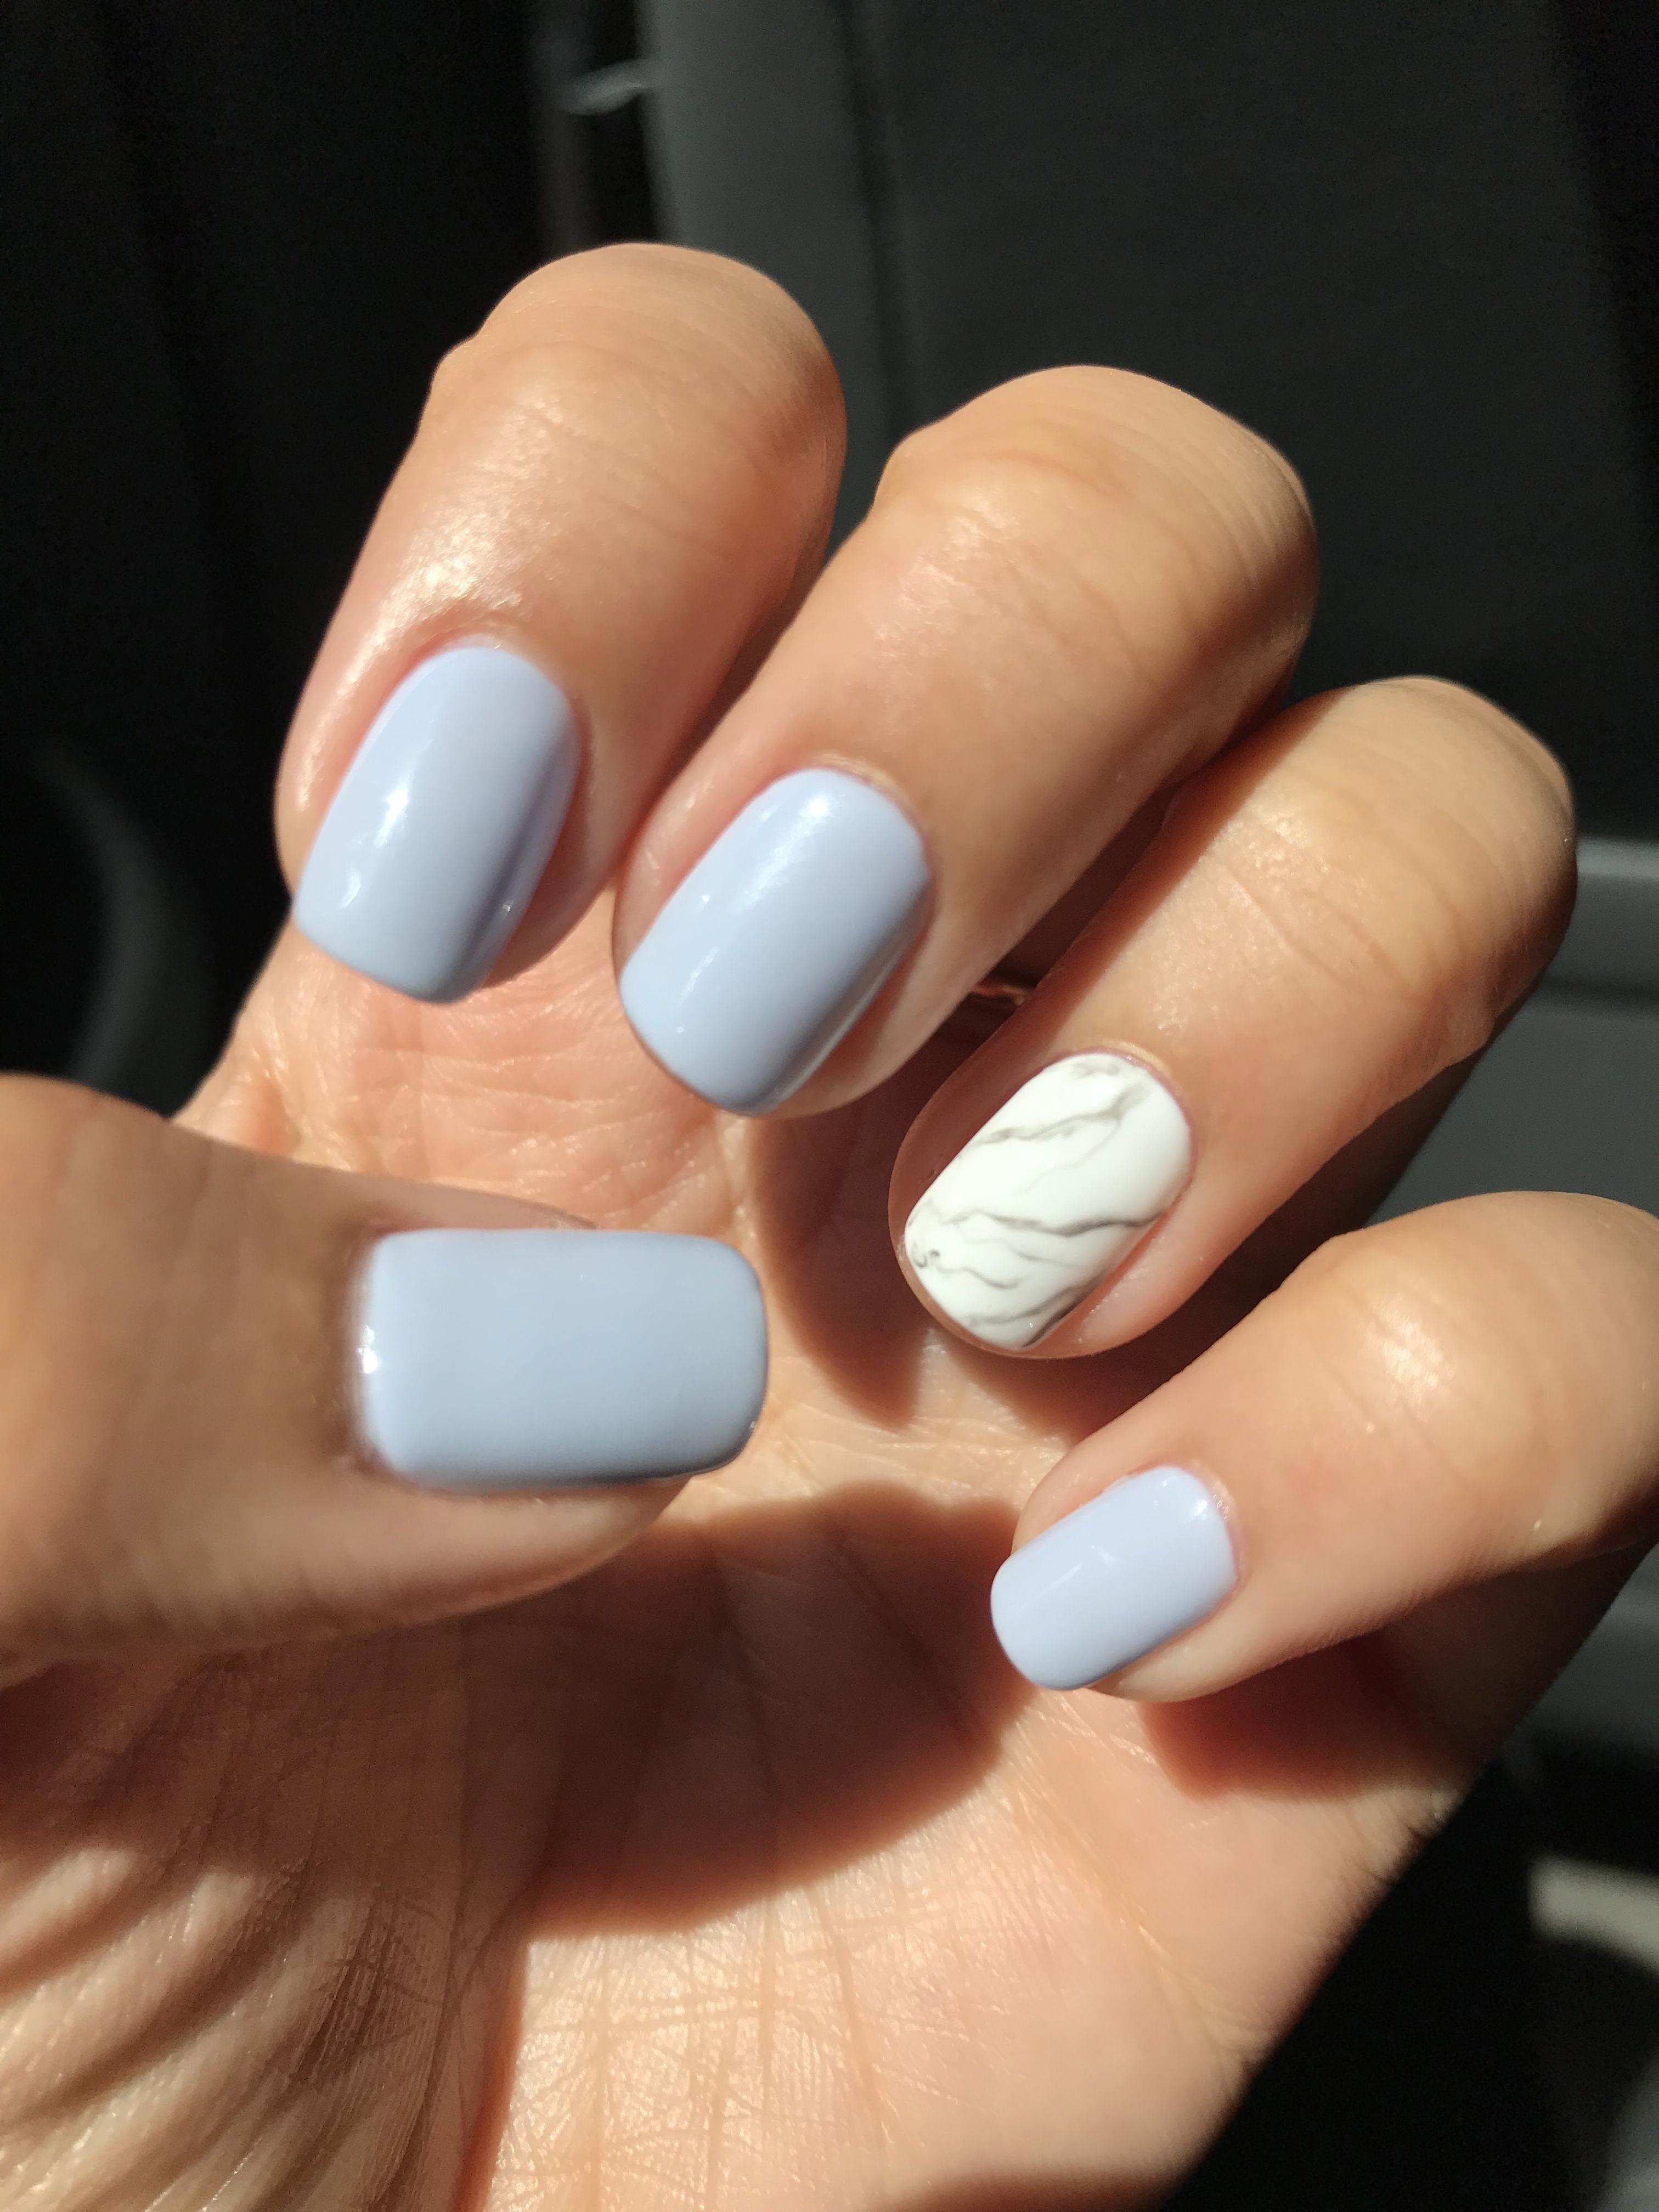 Mani pedi #gelmanicure | Gel french manicure, Nail